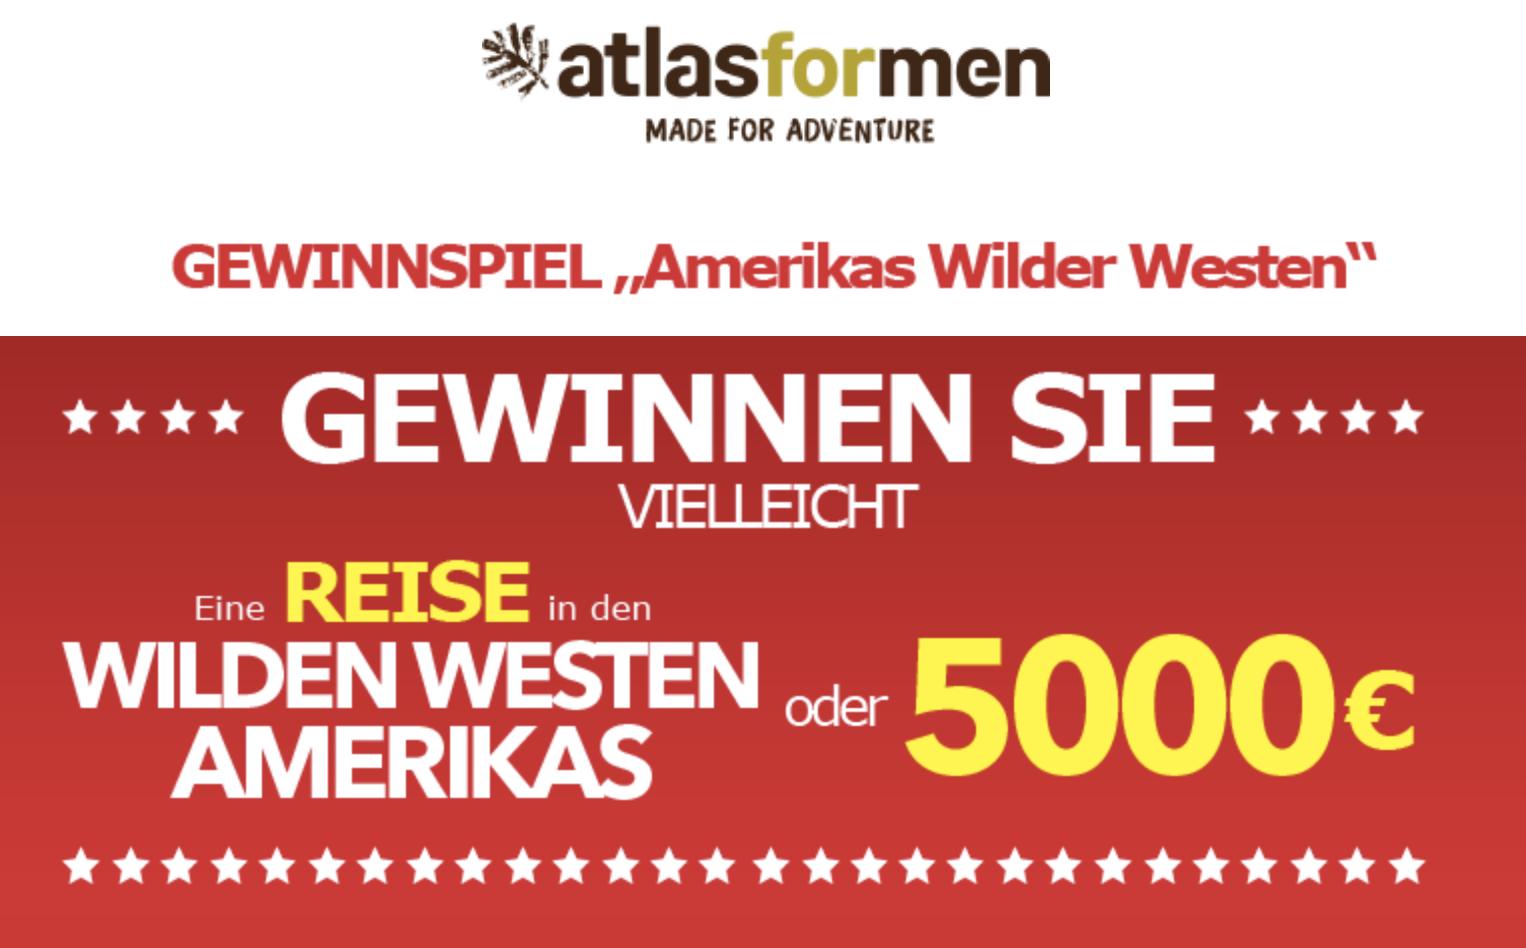 Atlas for Men Gewinnspiel: Amerikareise oder 5.000€ zu gewinnen